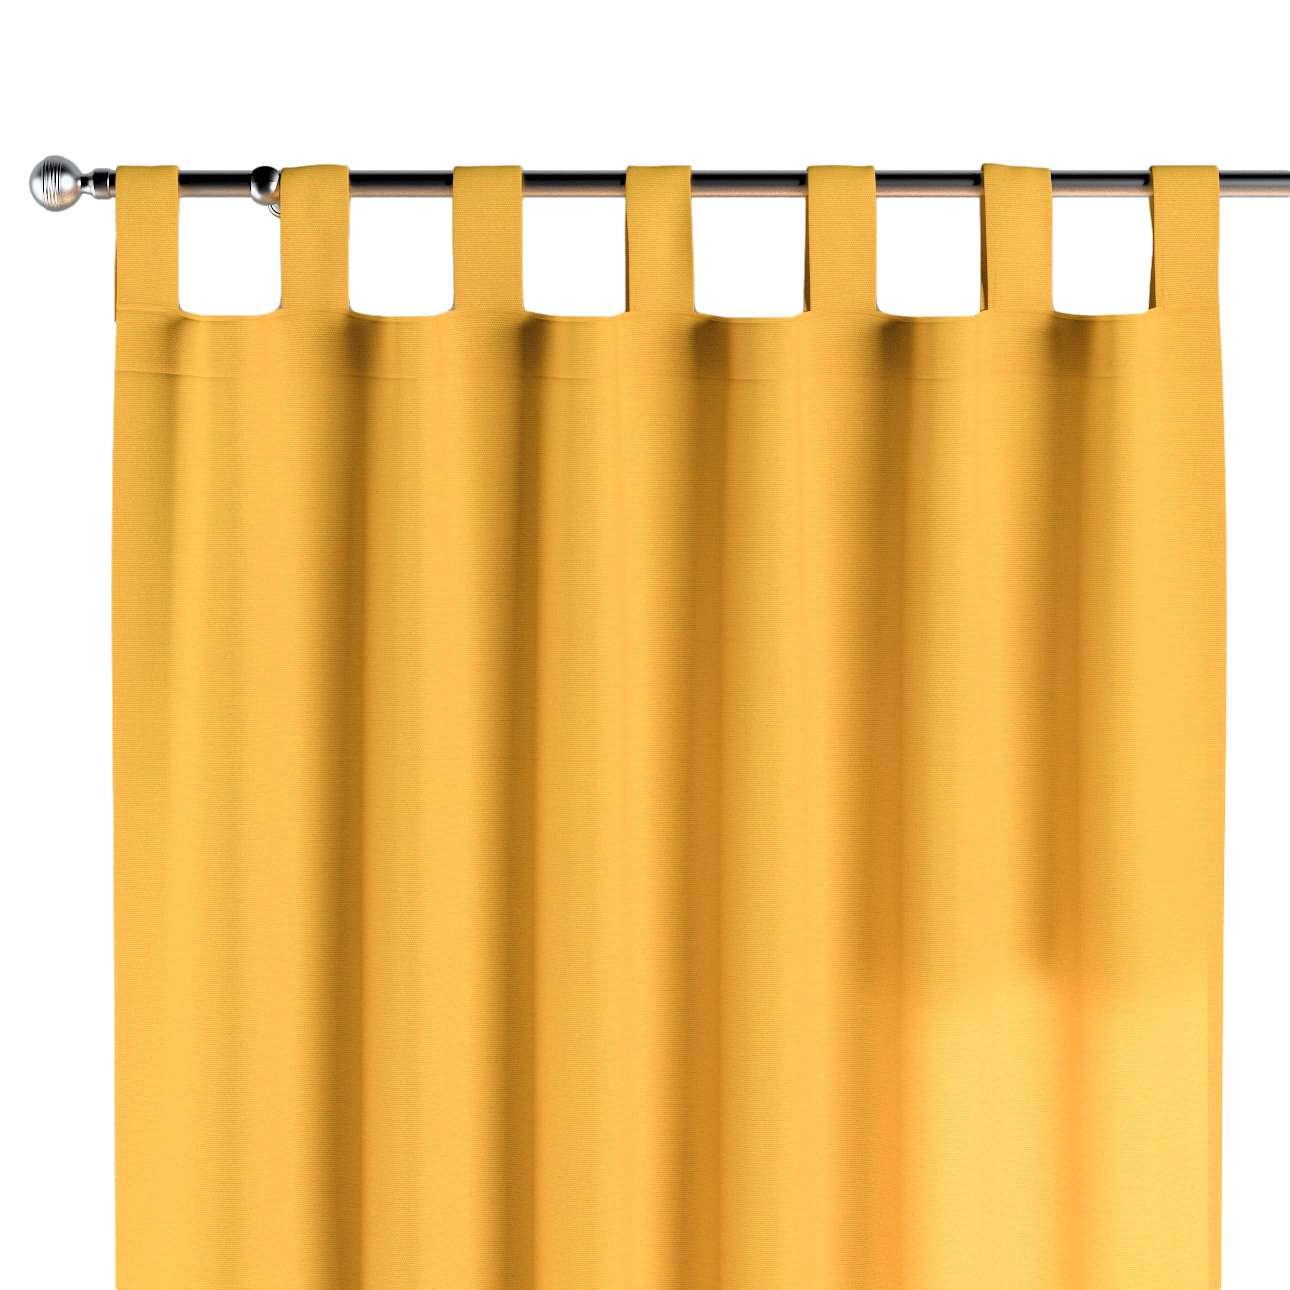 Zasłona na szelkach 1 szt. w kolekcji Loneta, tkanina: 133-40